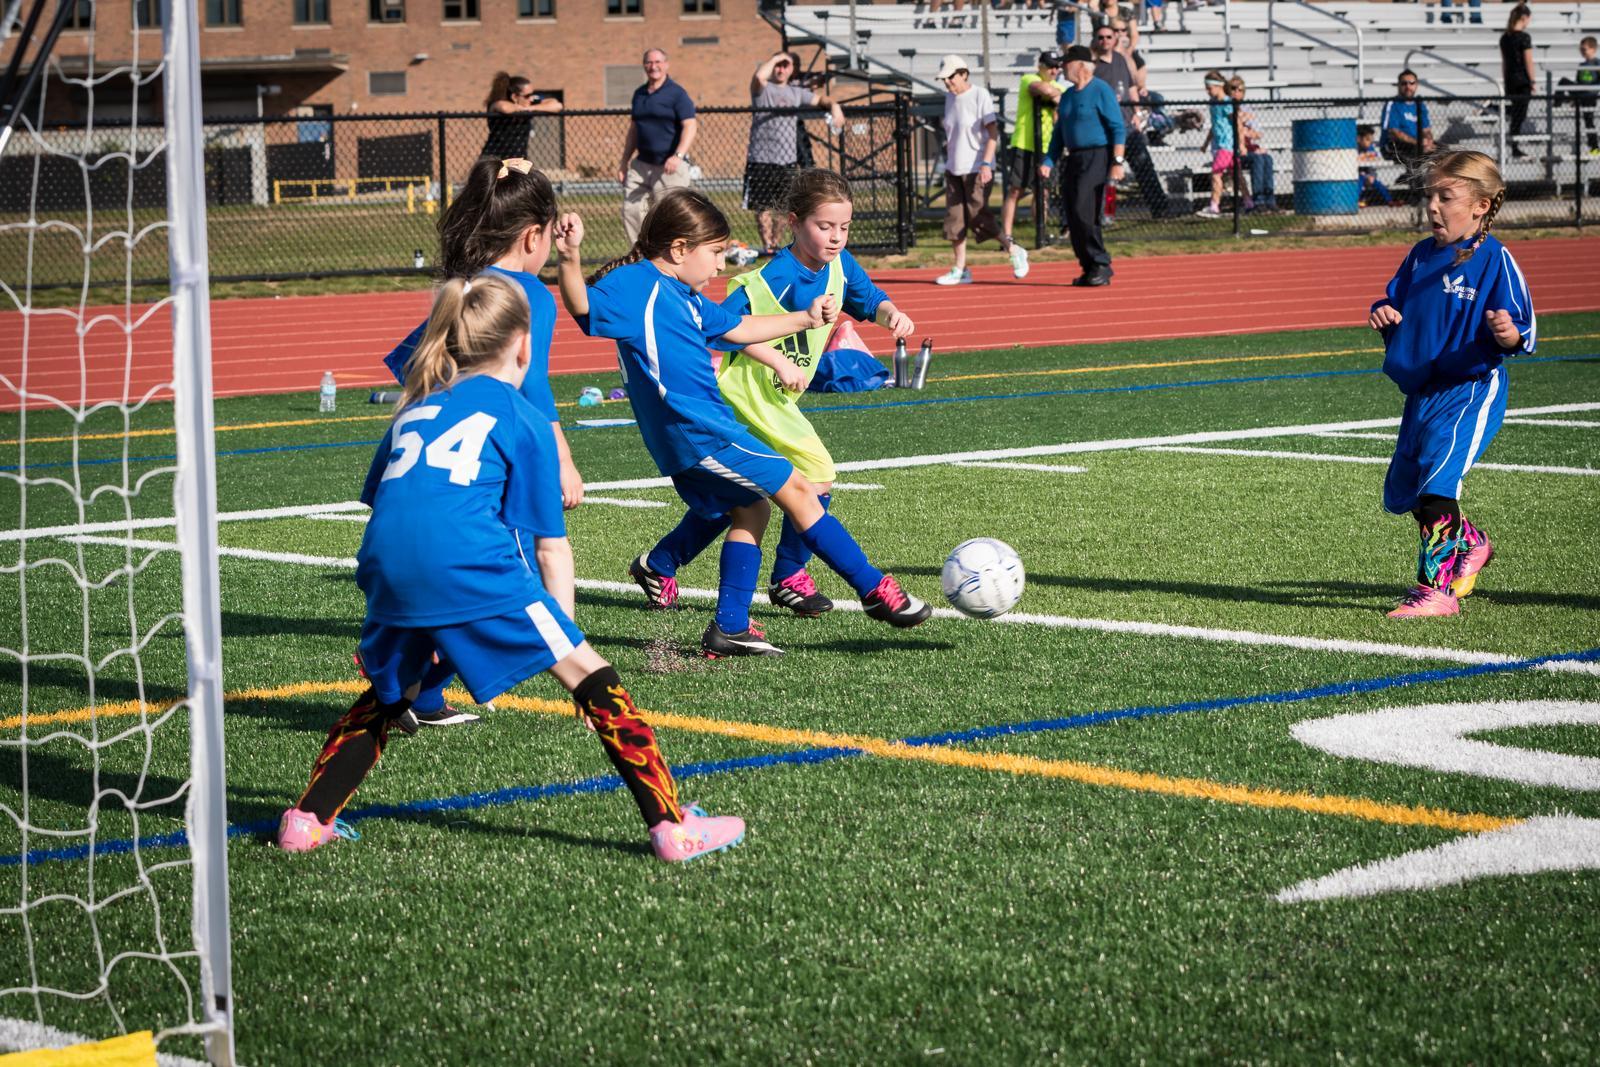 hauppauge soccer league